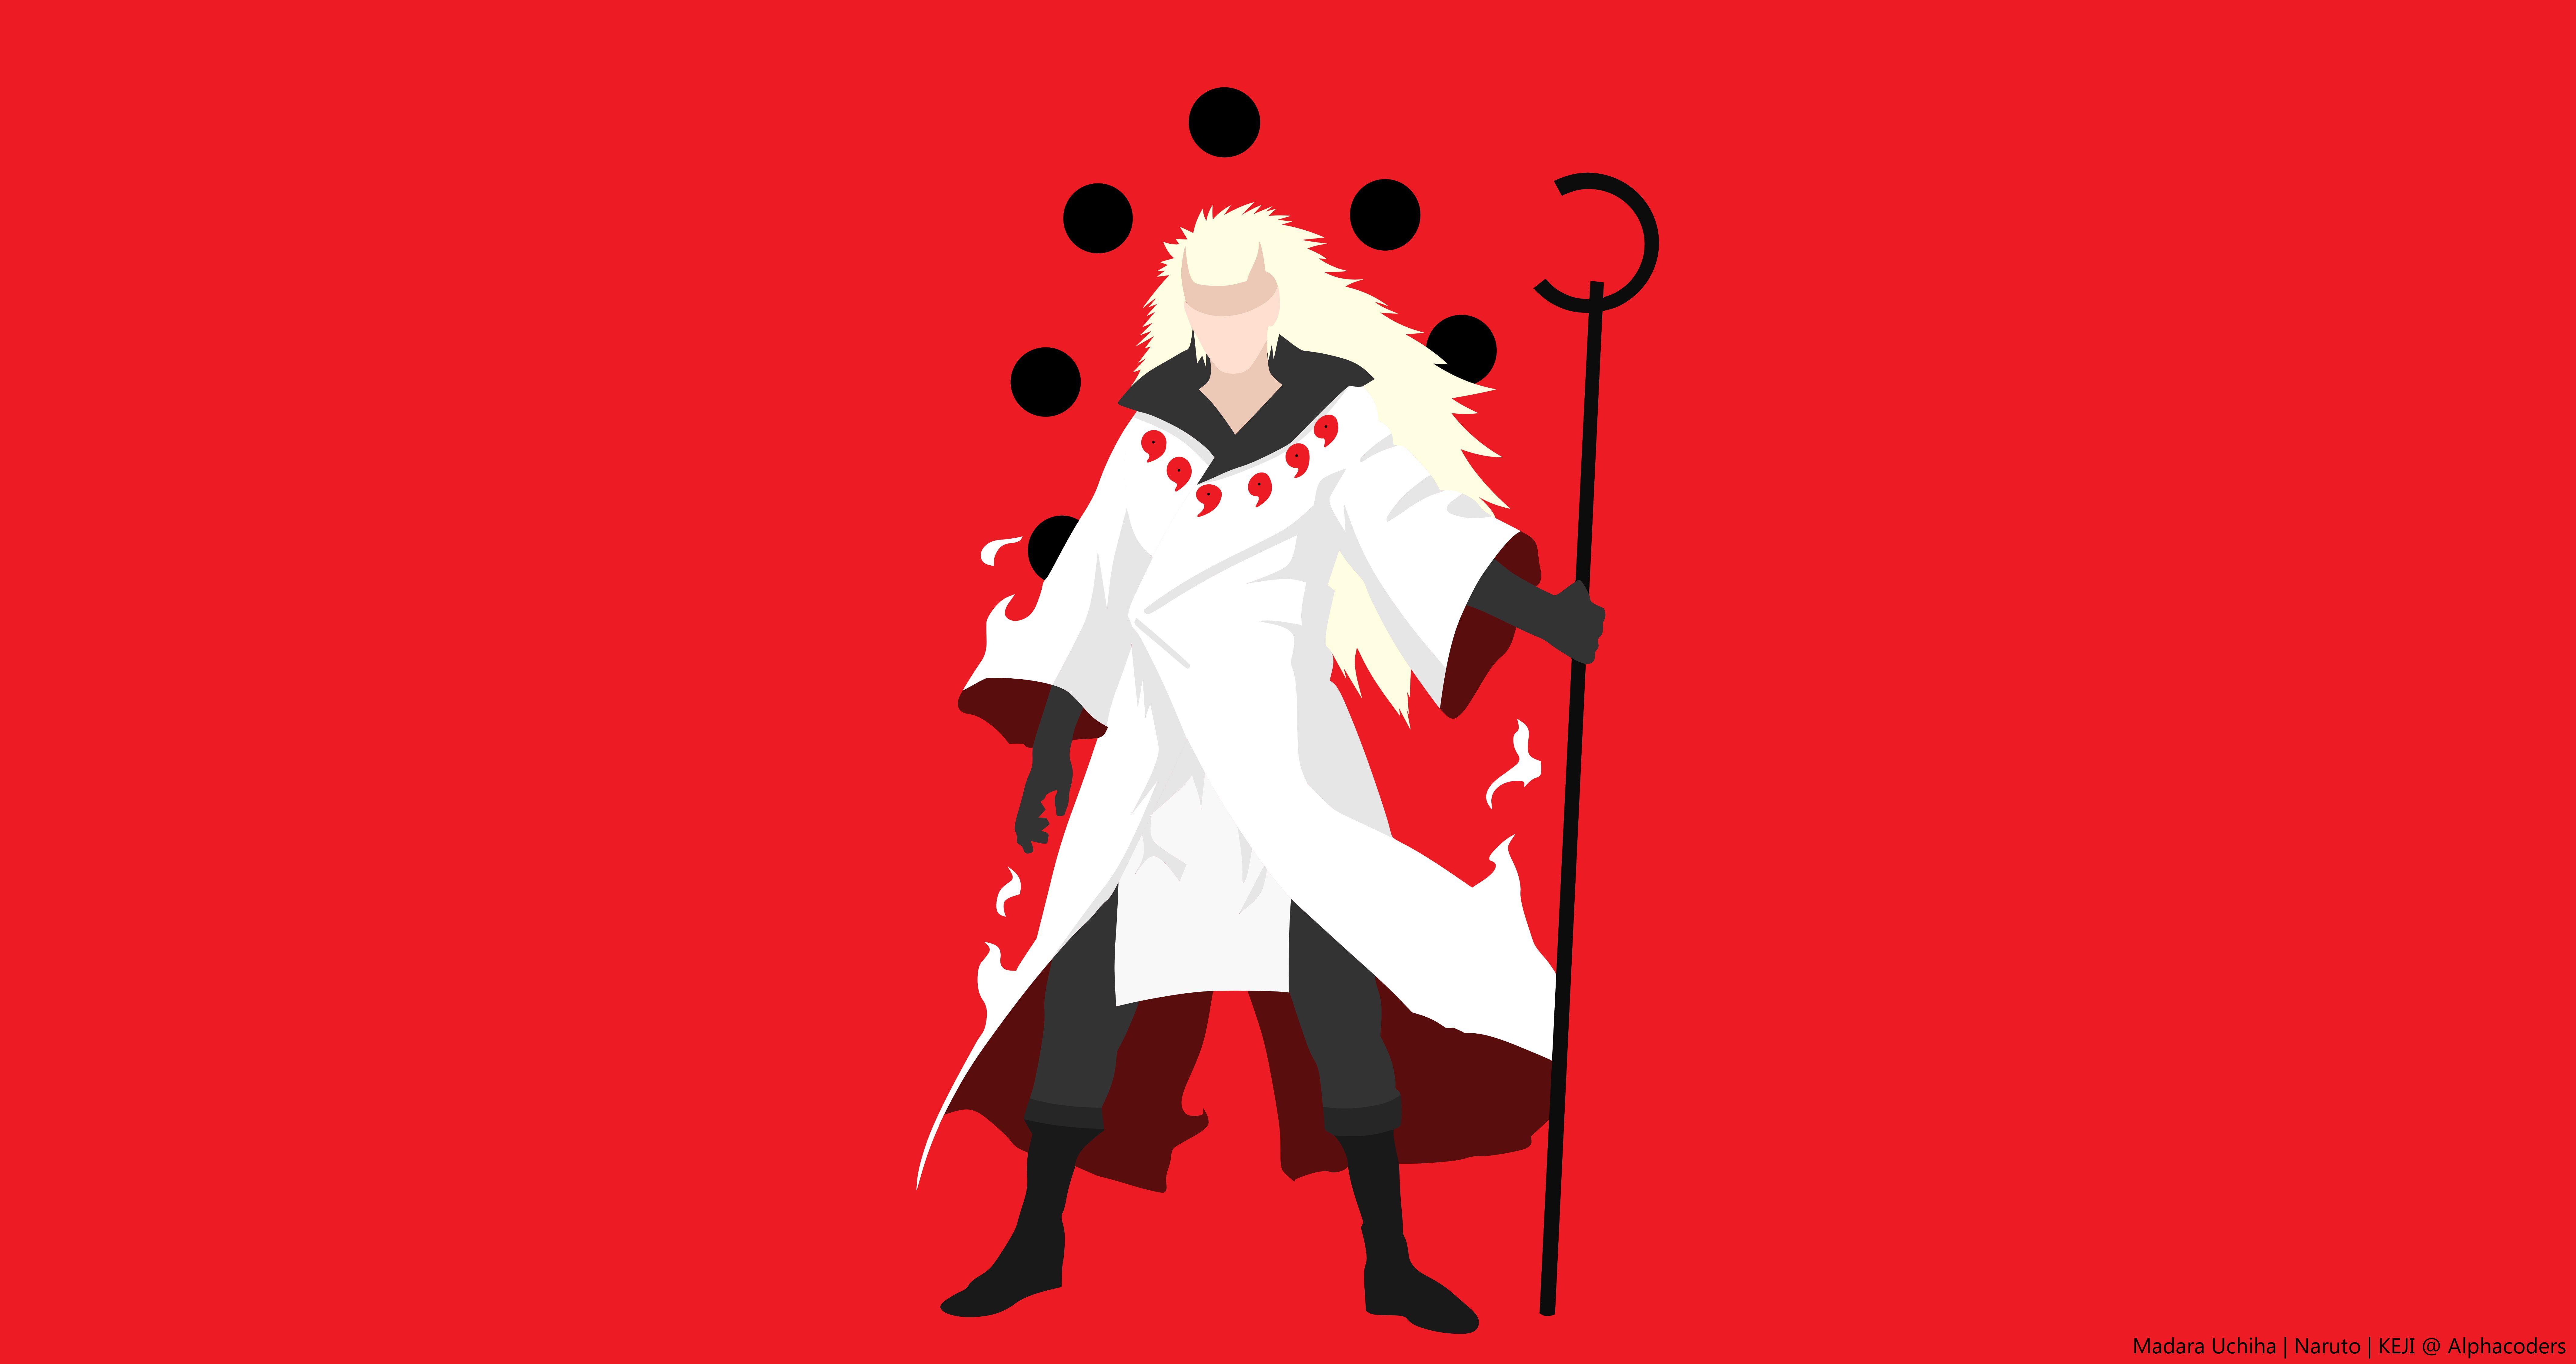 Anime Naruto Boy Madara Uchiha Minimalist Sage Naruto Uchiha Clan 8k Wallpaper Hdwallpaper Desktop In 2020 Anime Naruto Wallpaper Naruto